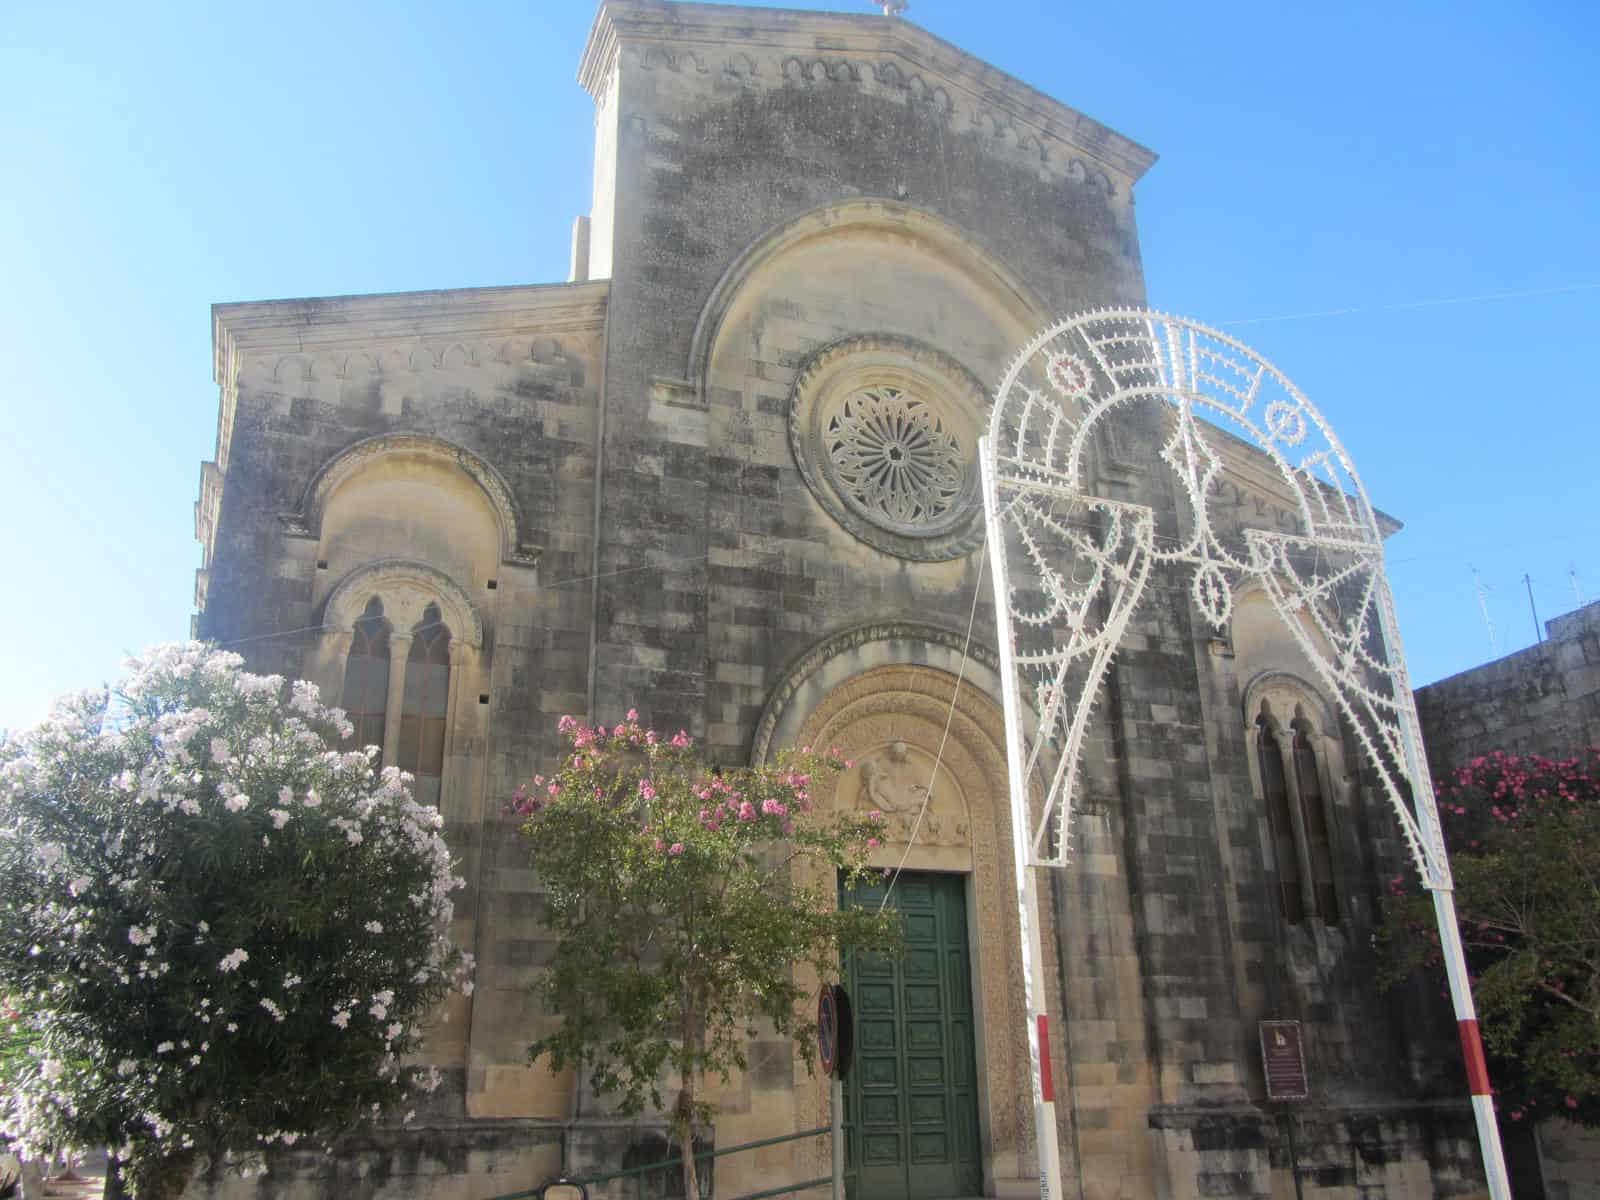 La facciata della chiesa della Madonna Addolorata a Corigliano d'Otranto